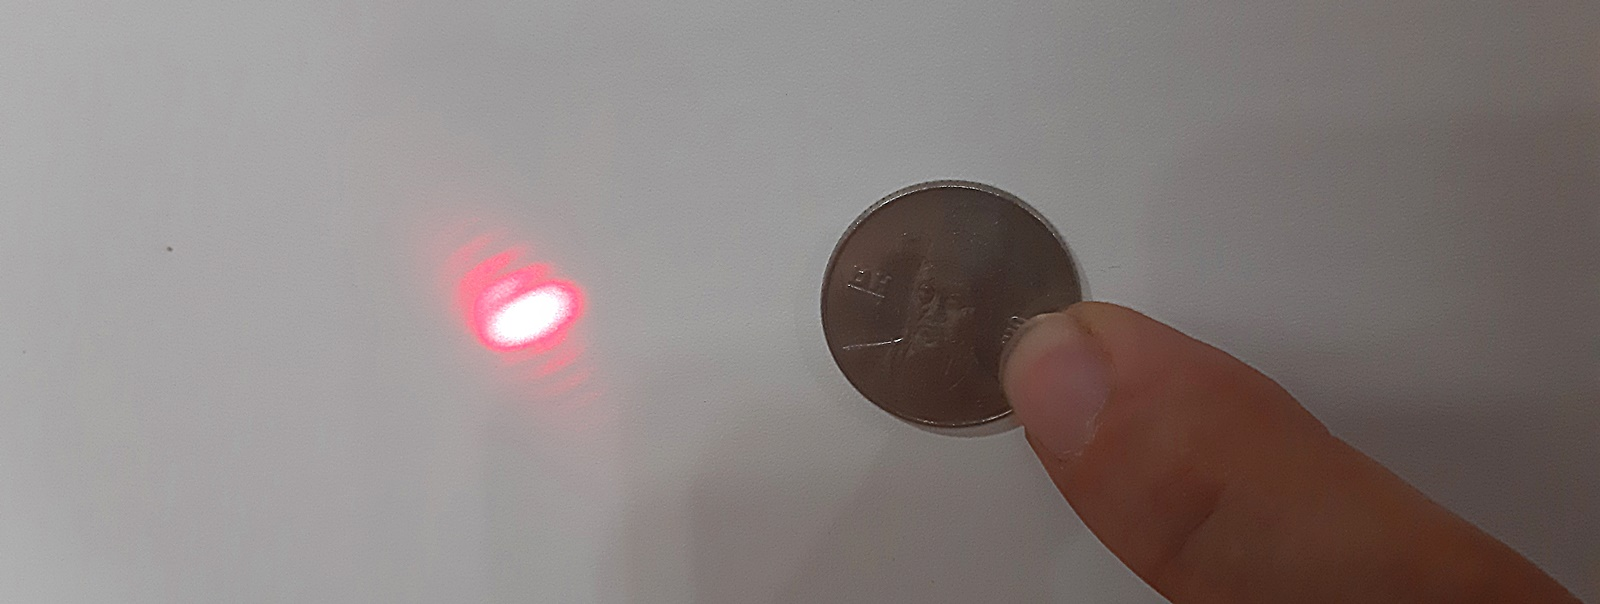 레이저 포인터와 동전